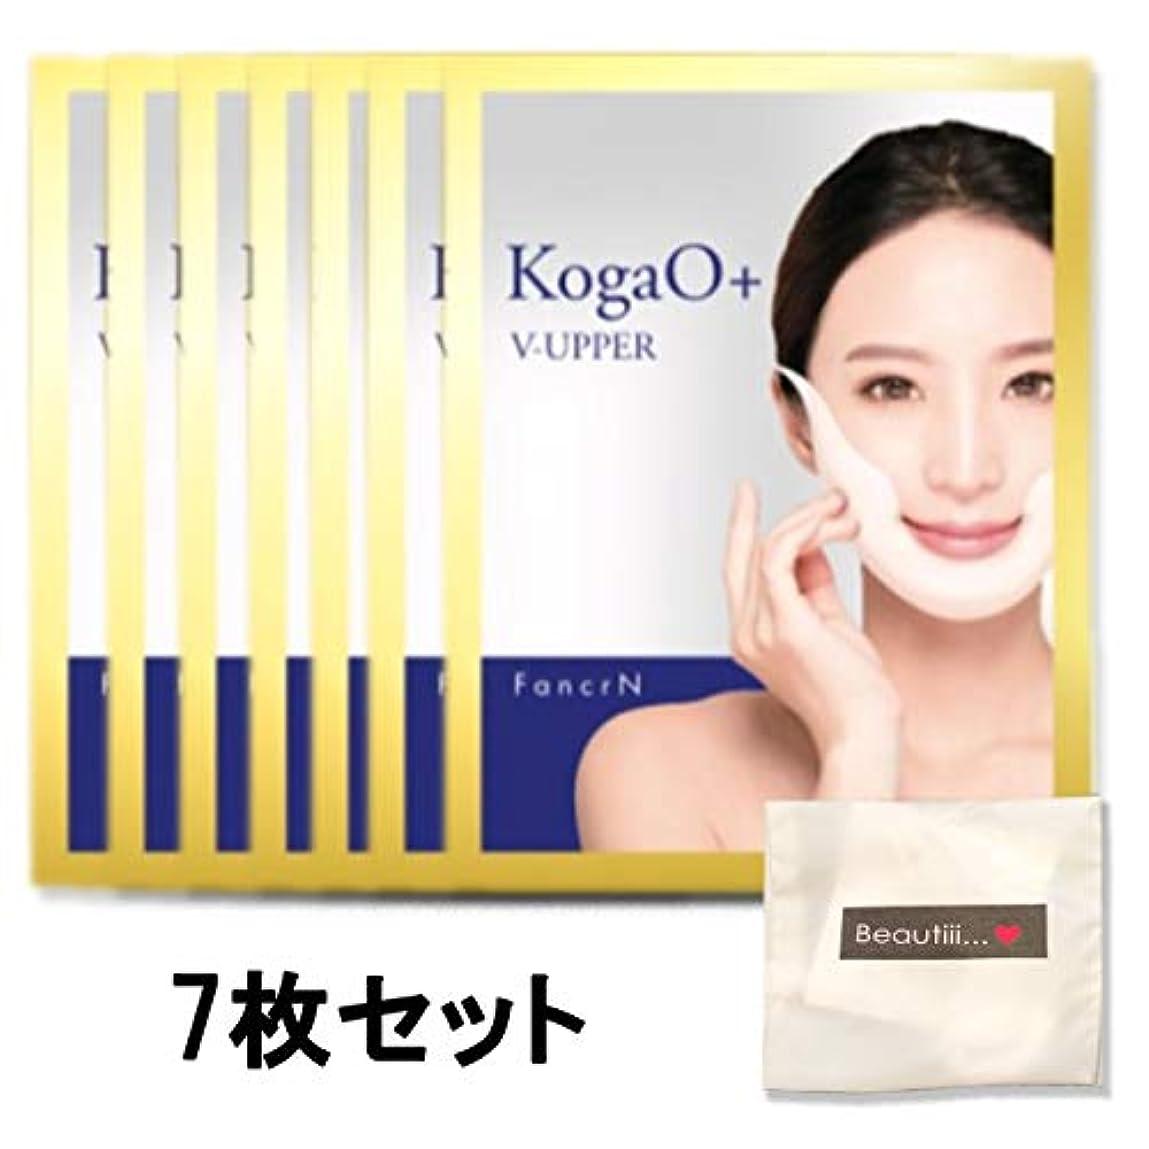 顎泥だらけパスポートBeautiiiセット & Kogao+小顔プラス 7枚セット 【ギフトセット】 SNSで話題!大人気!